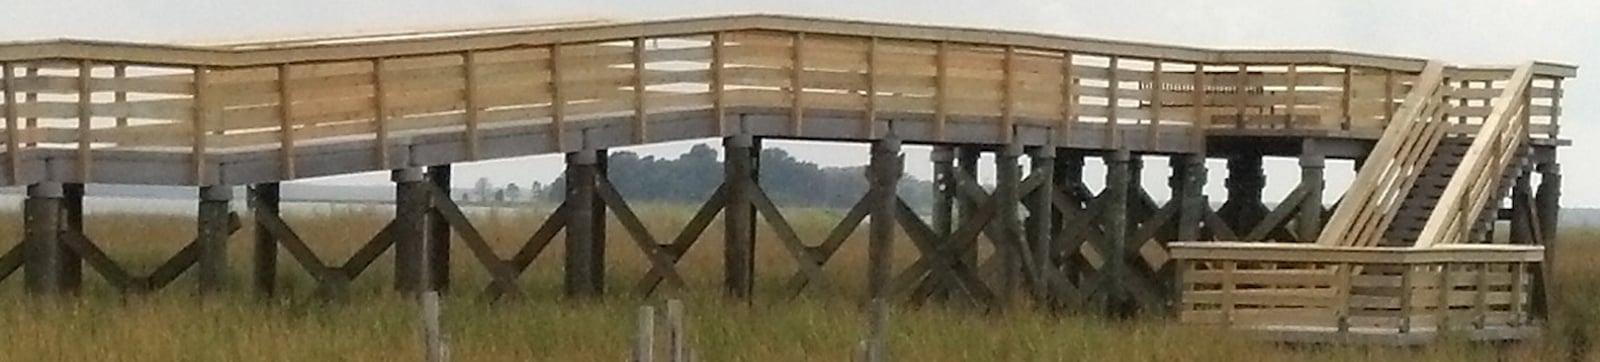 PermaTrak-Timber-Pile-Top.jpg